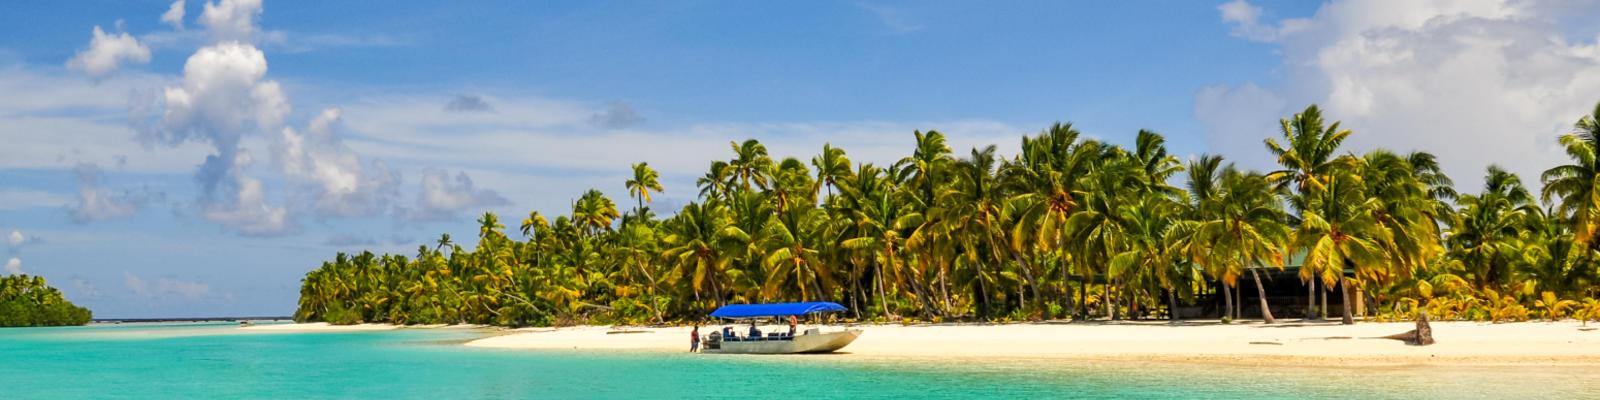 Top things to do in Rarotonga